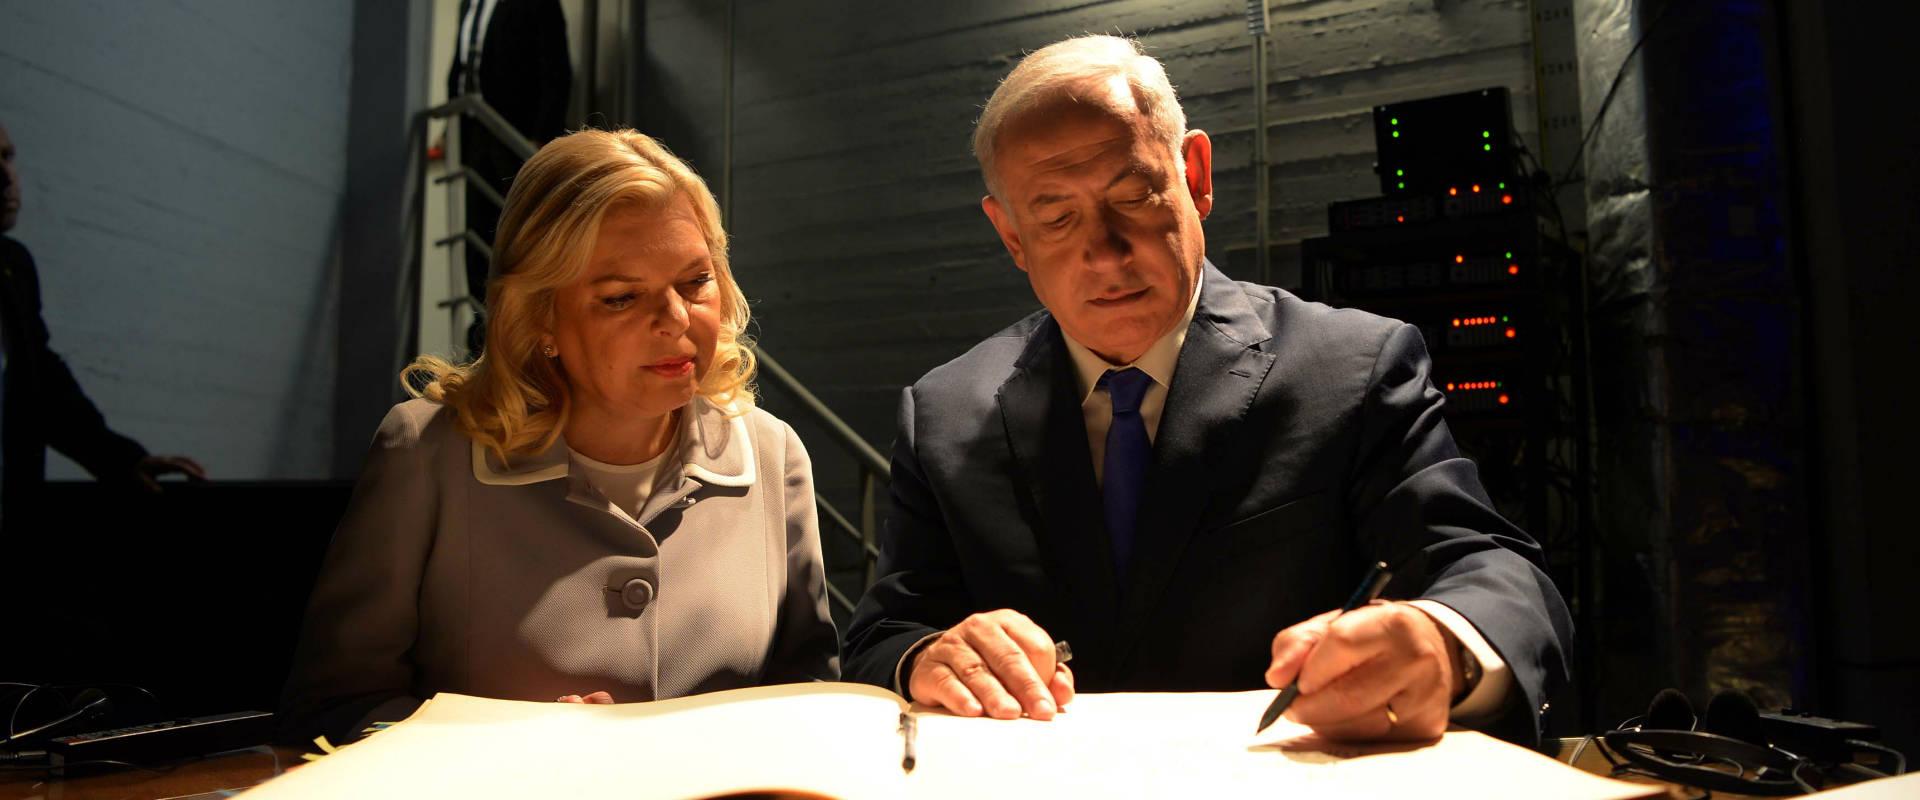 בנימין ושרה נתניהו במוזיאון ישראל, החודש